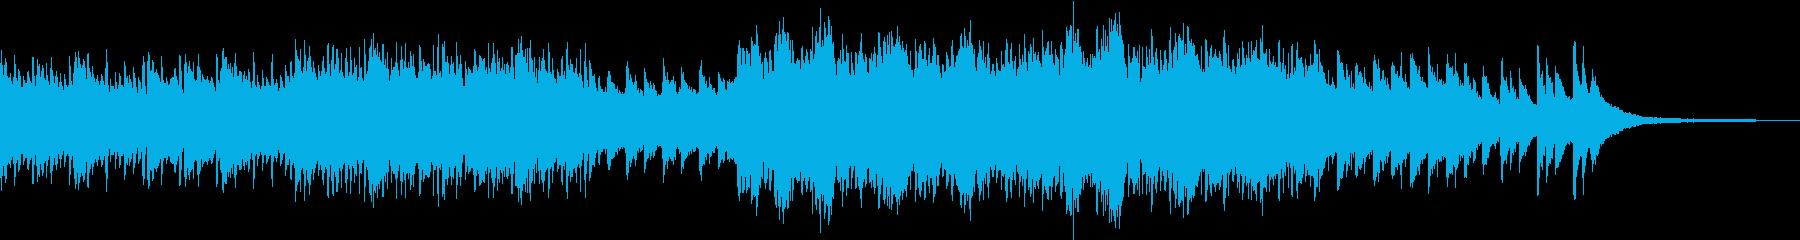 ノスタルジックなバラードの再生済みの波形